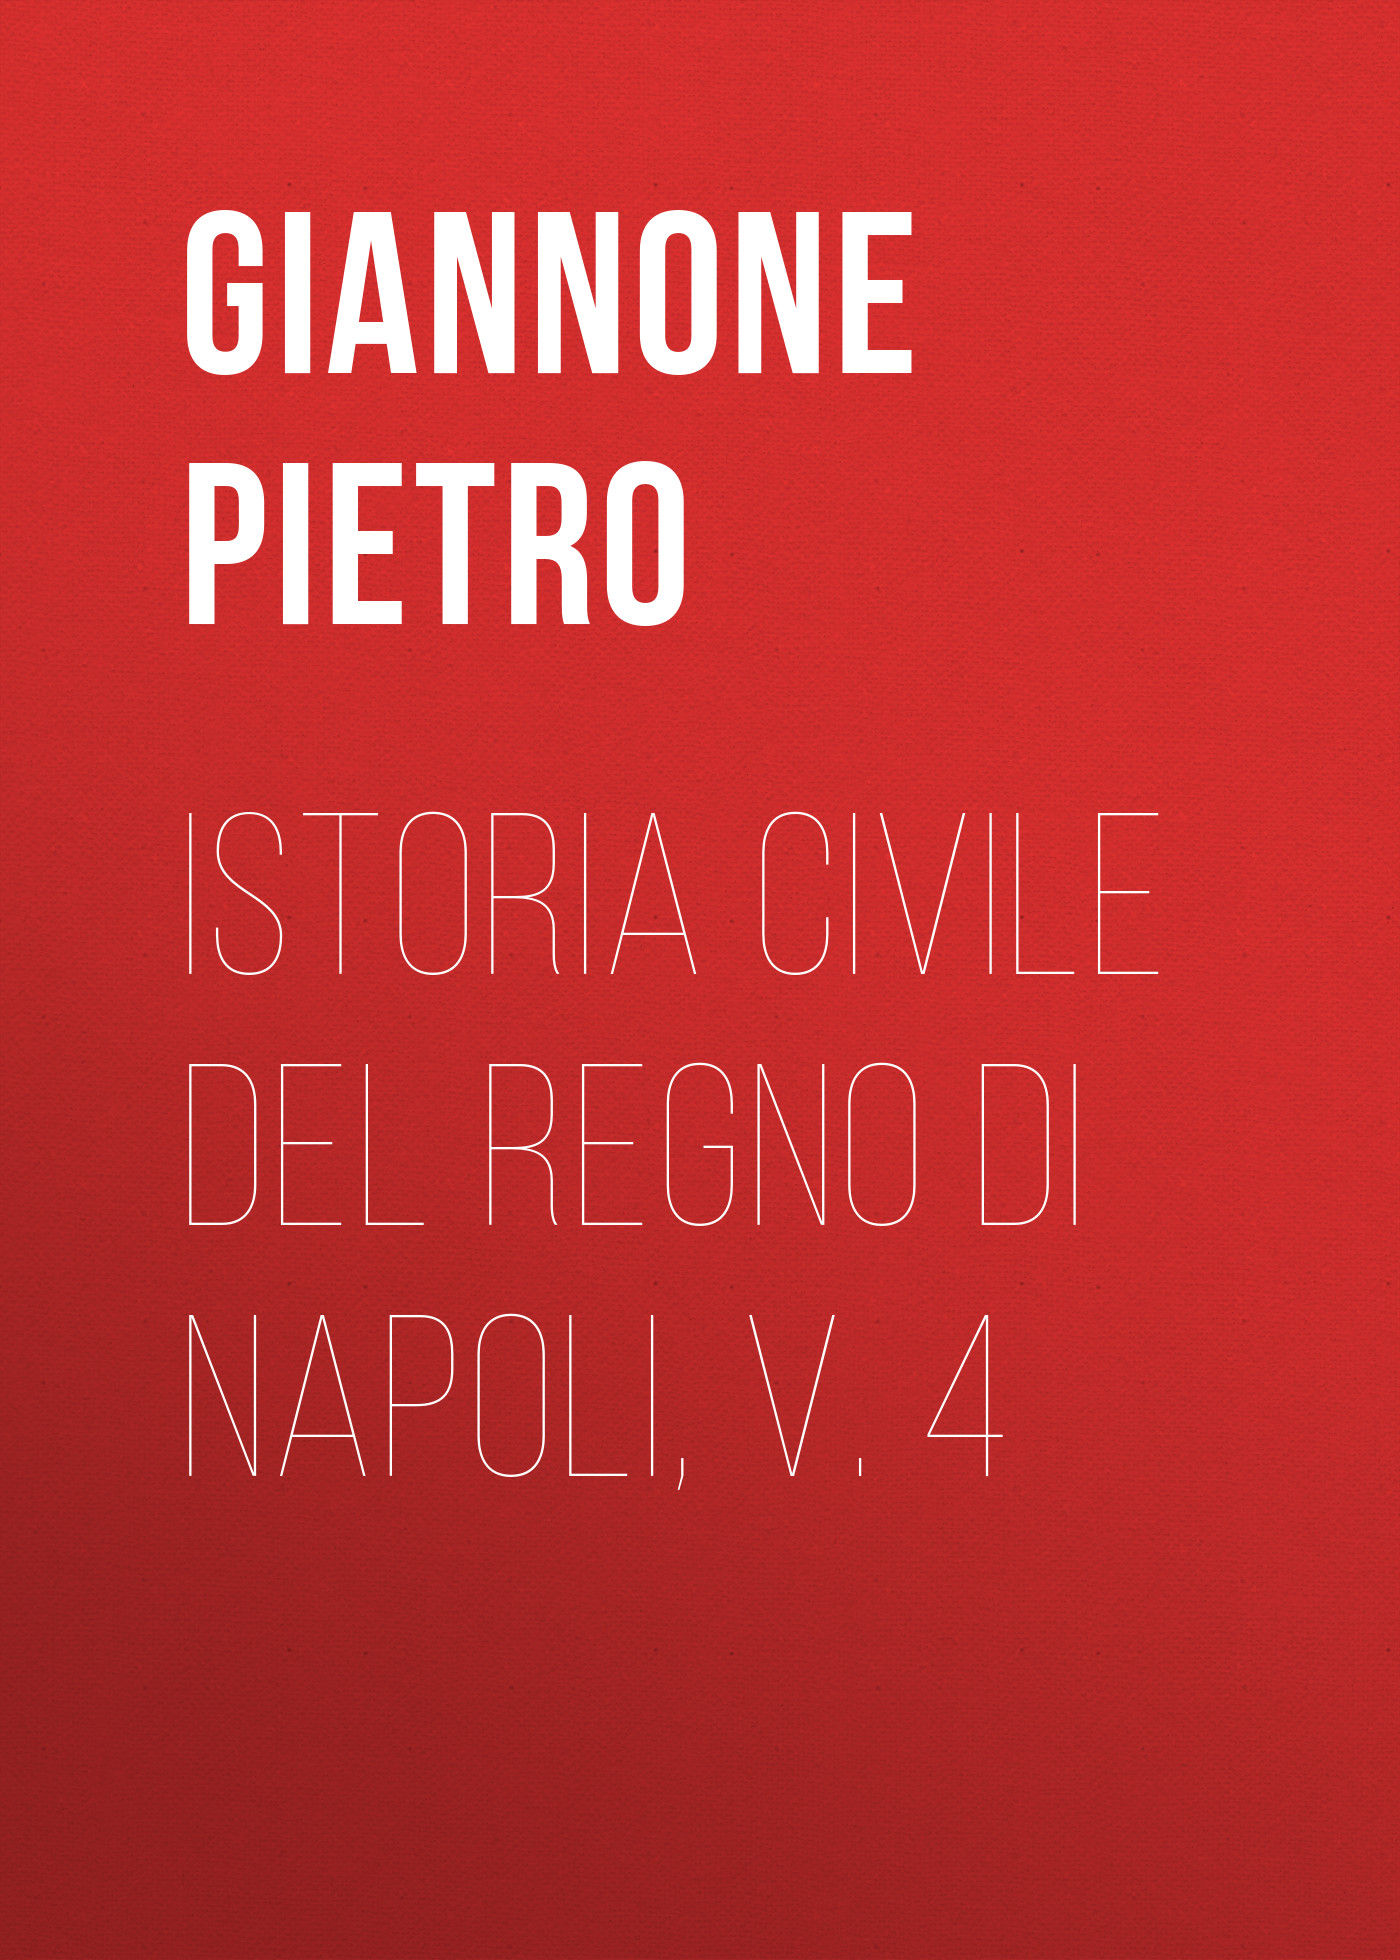 Giannone Pietro Istoria civile del Regno di Napoli, v. 4 angelo di costanza istoria del regno di napoli vol 1 classic reprint